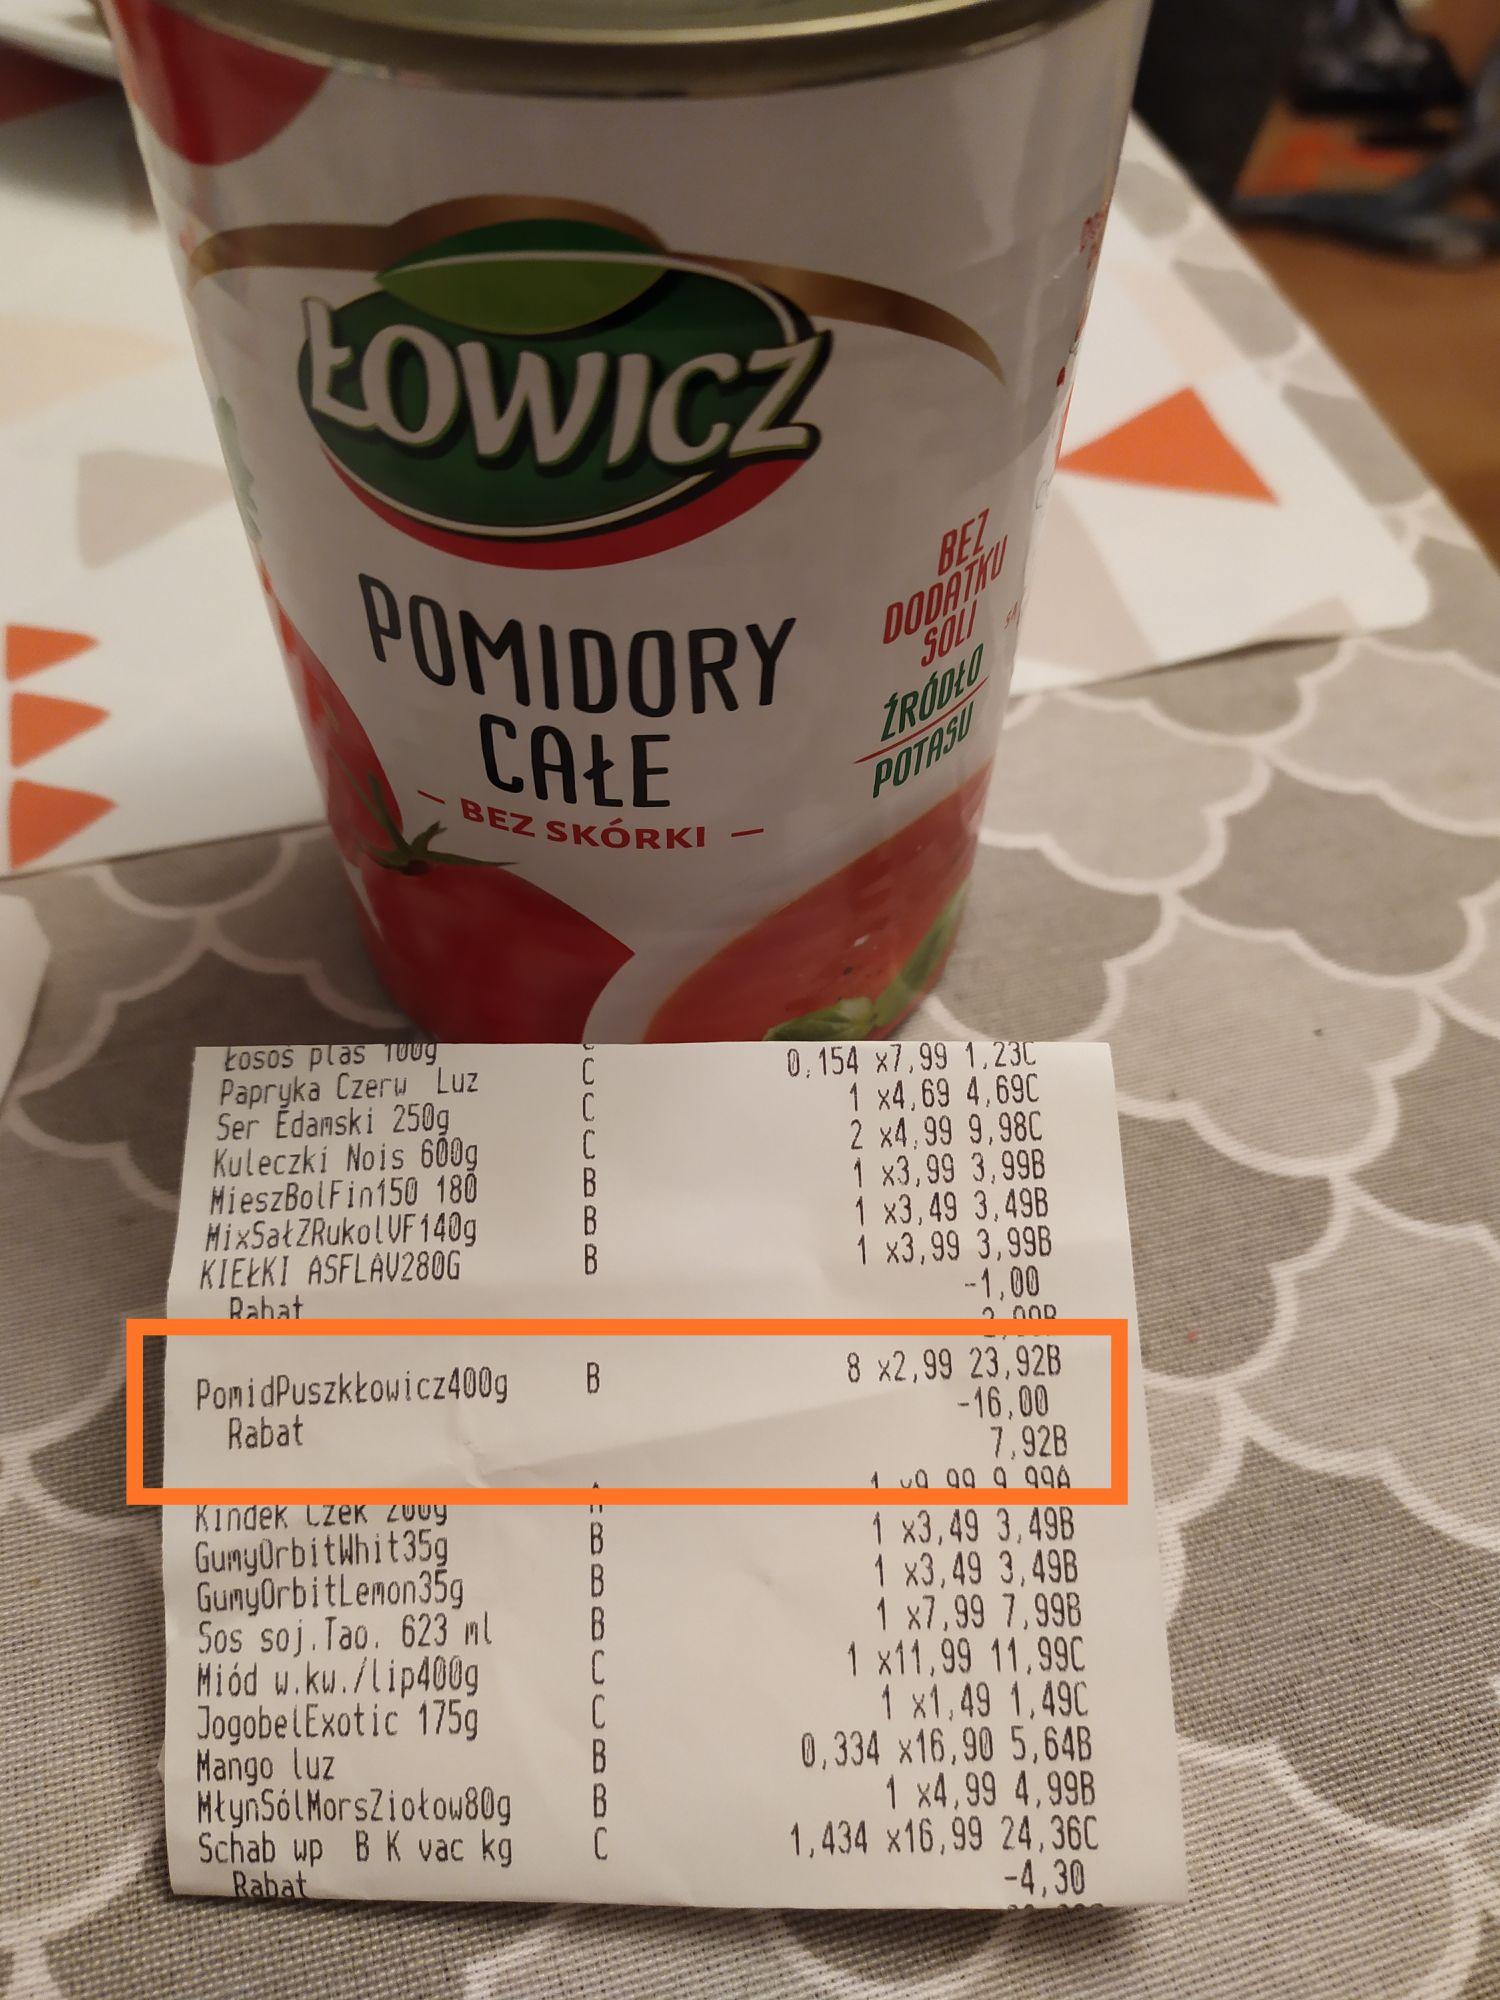 Pomidory całe bez skórki Łowicz Biedronka